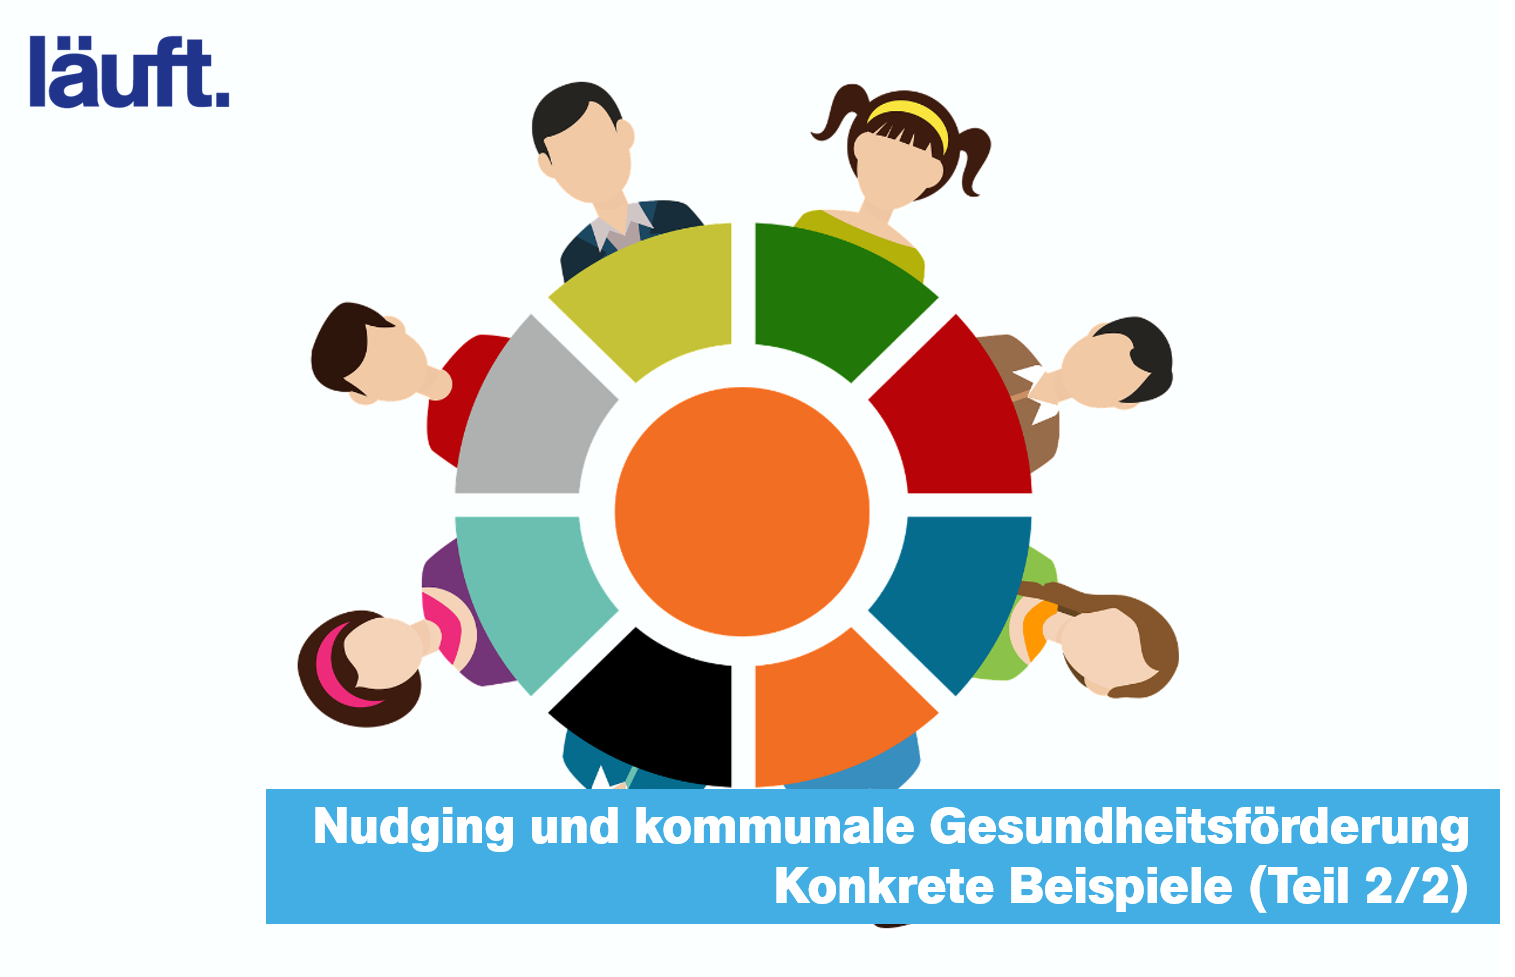 Kommunale Gesundheitsförderung durch Nudging – Konkrete Empfehlungen im Kontext von Bewegung und Ernährung